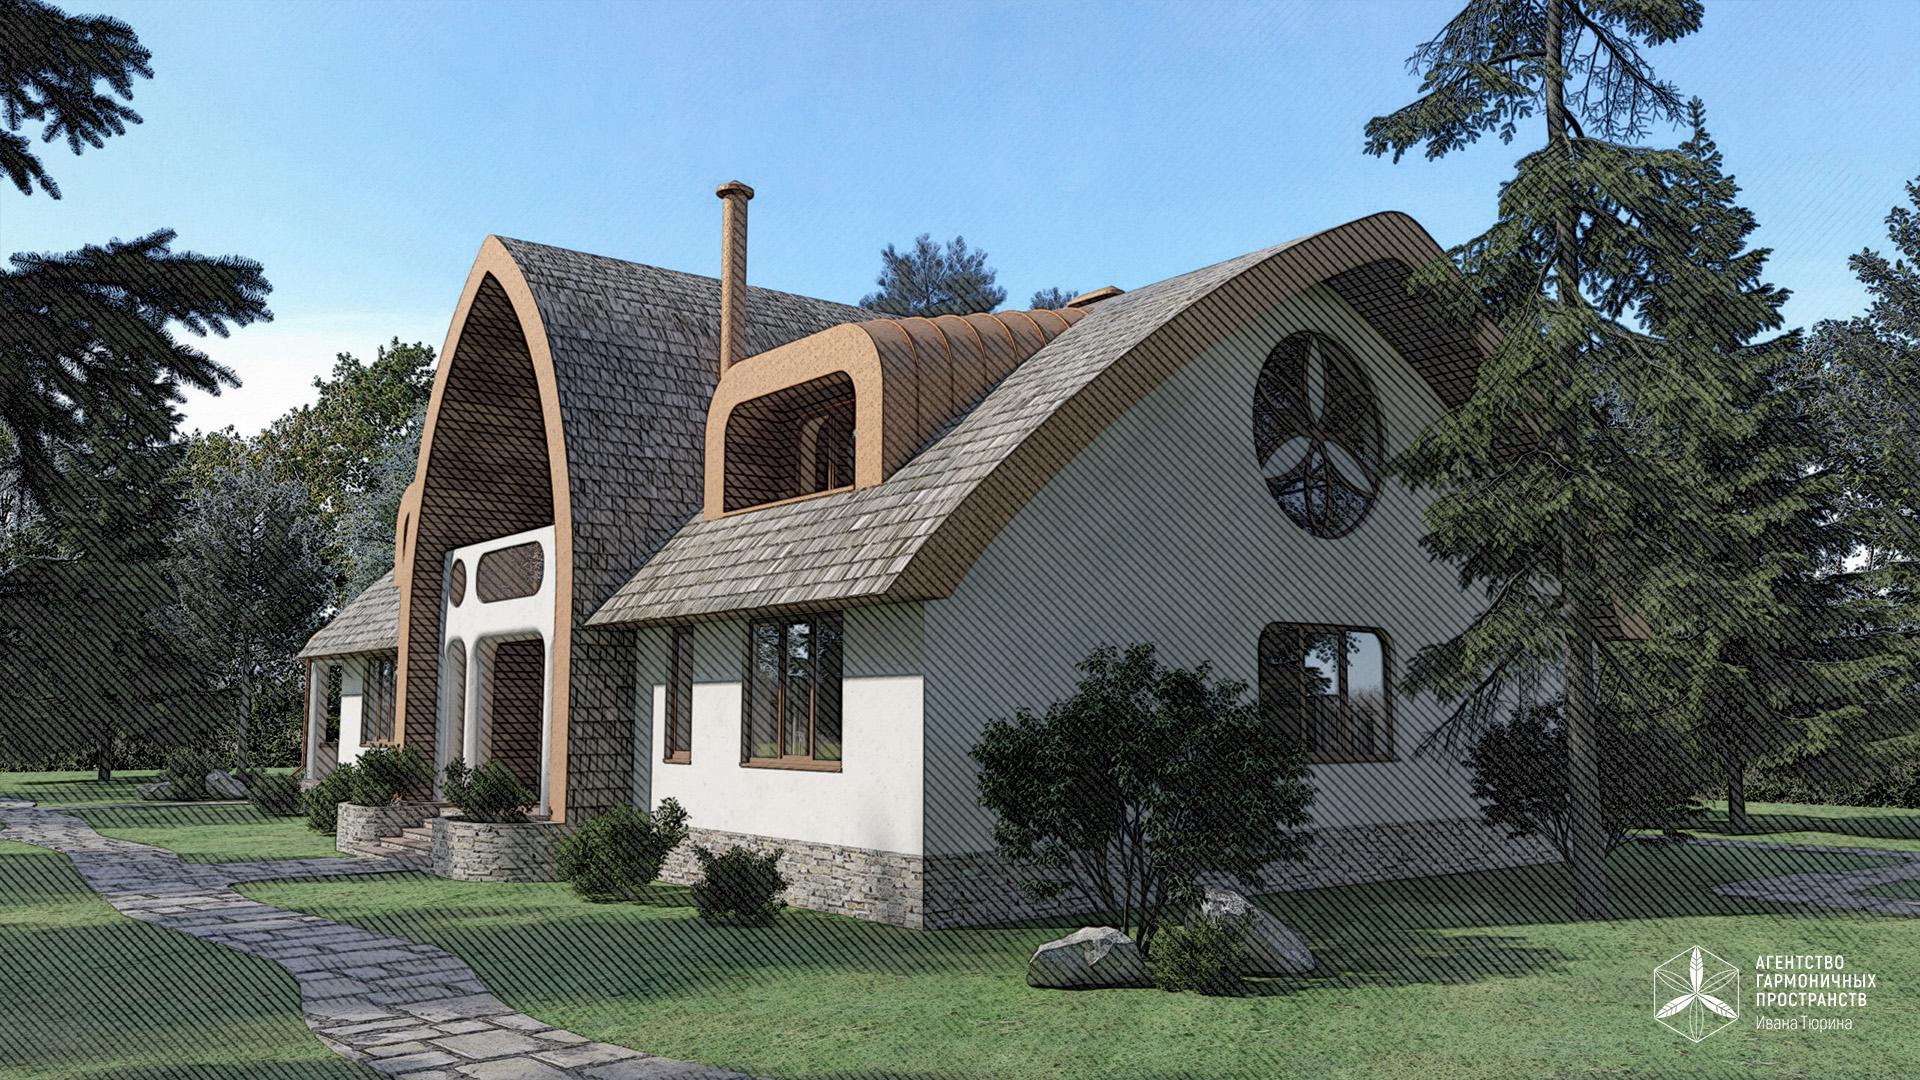 Изображение для проекта Усадьба из природных материалов в органическом стиле 2844